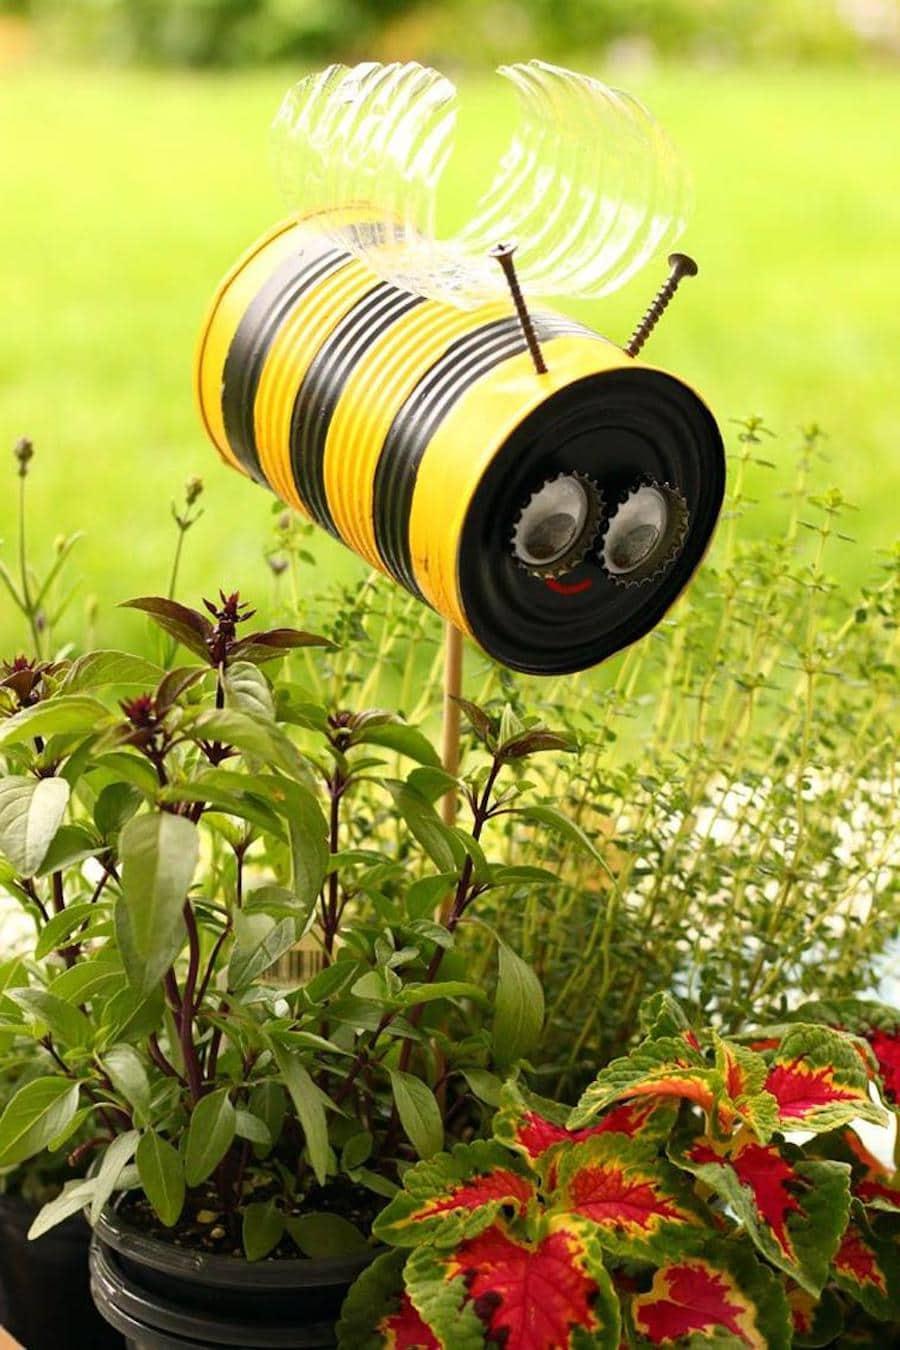 Пчелка из жестяной банки станет прекрасным дополнением для клумбы в саду